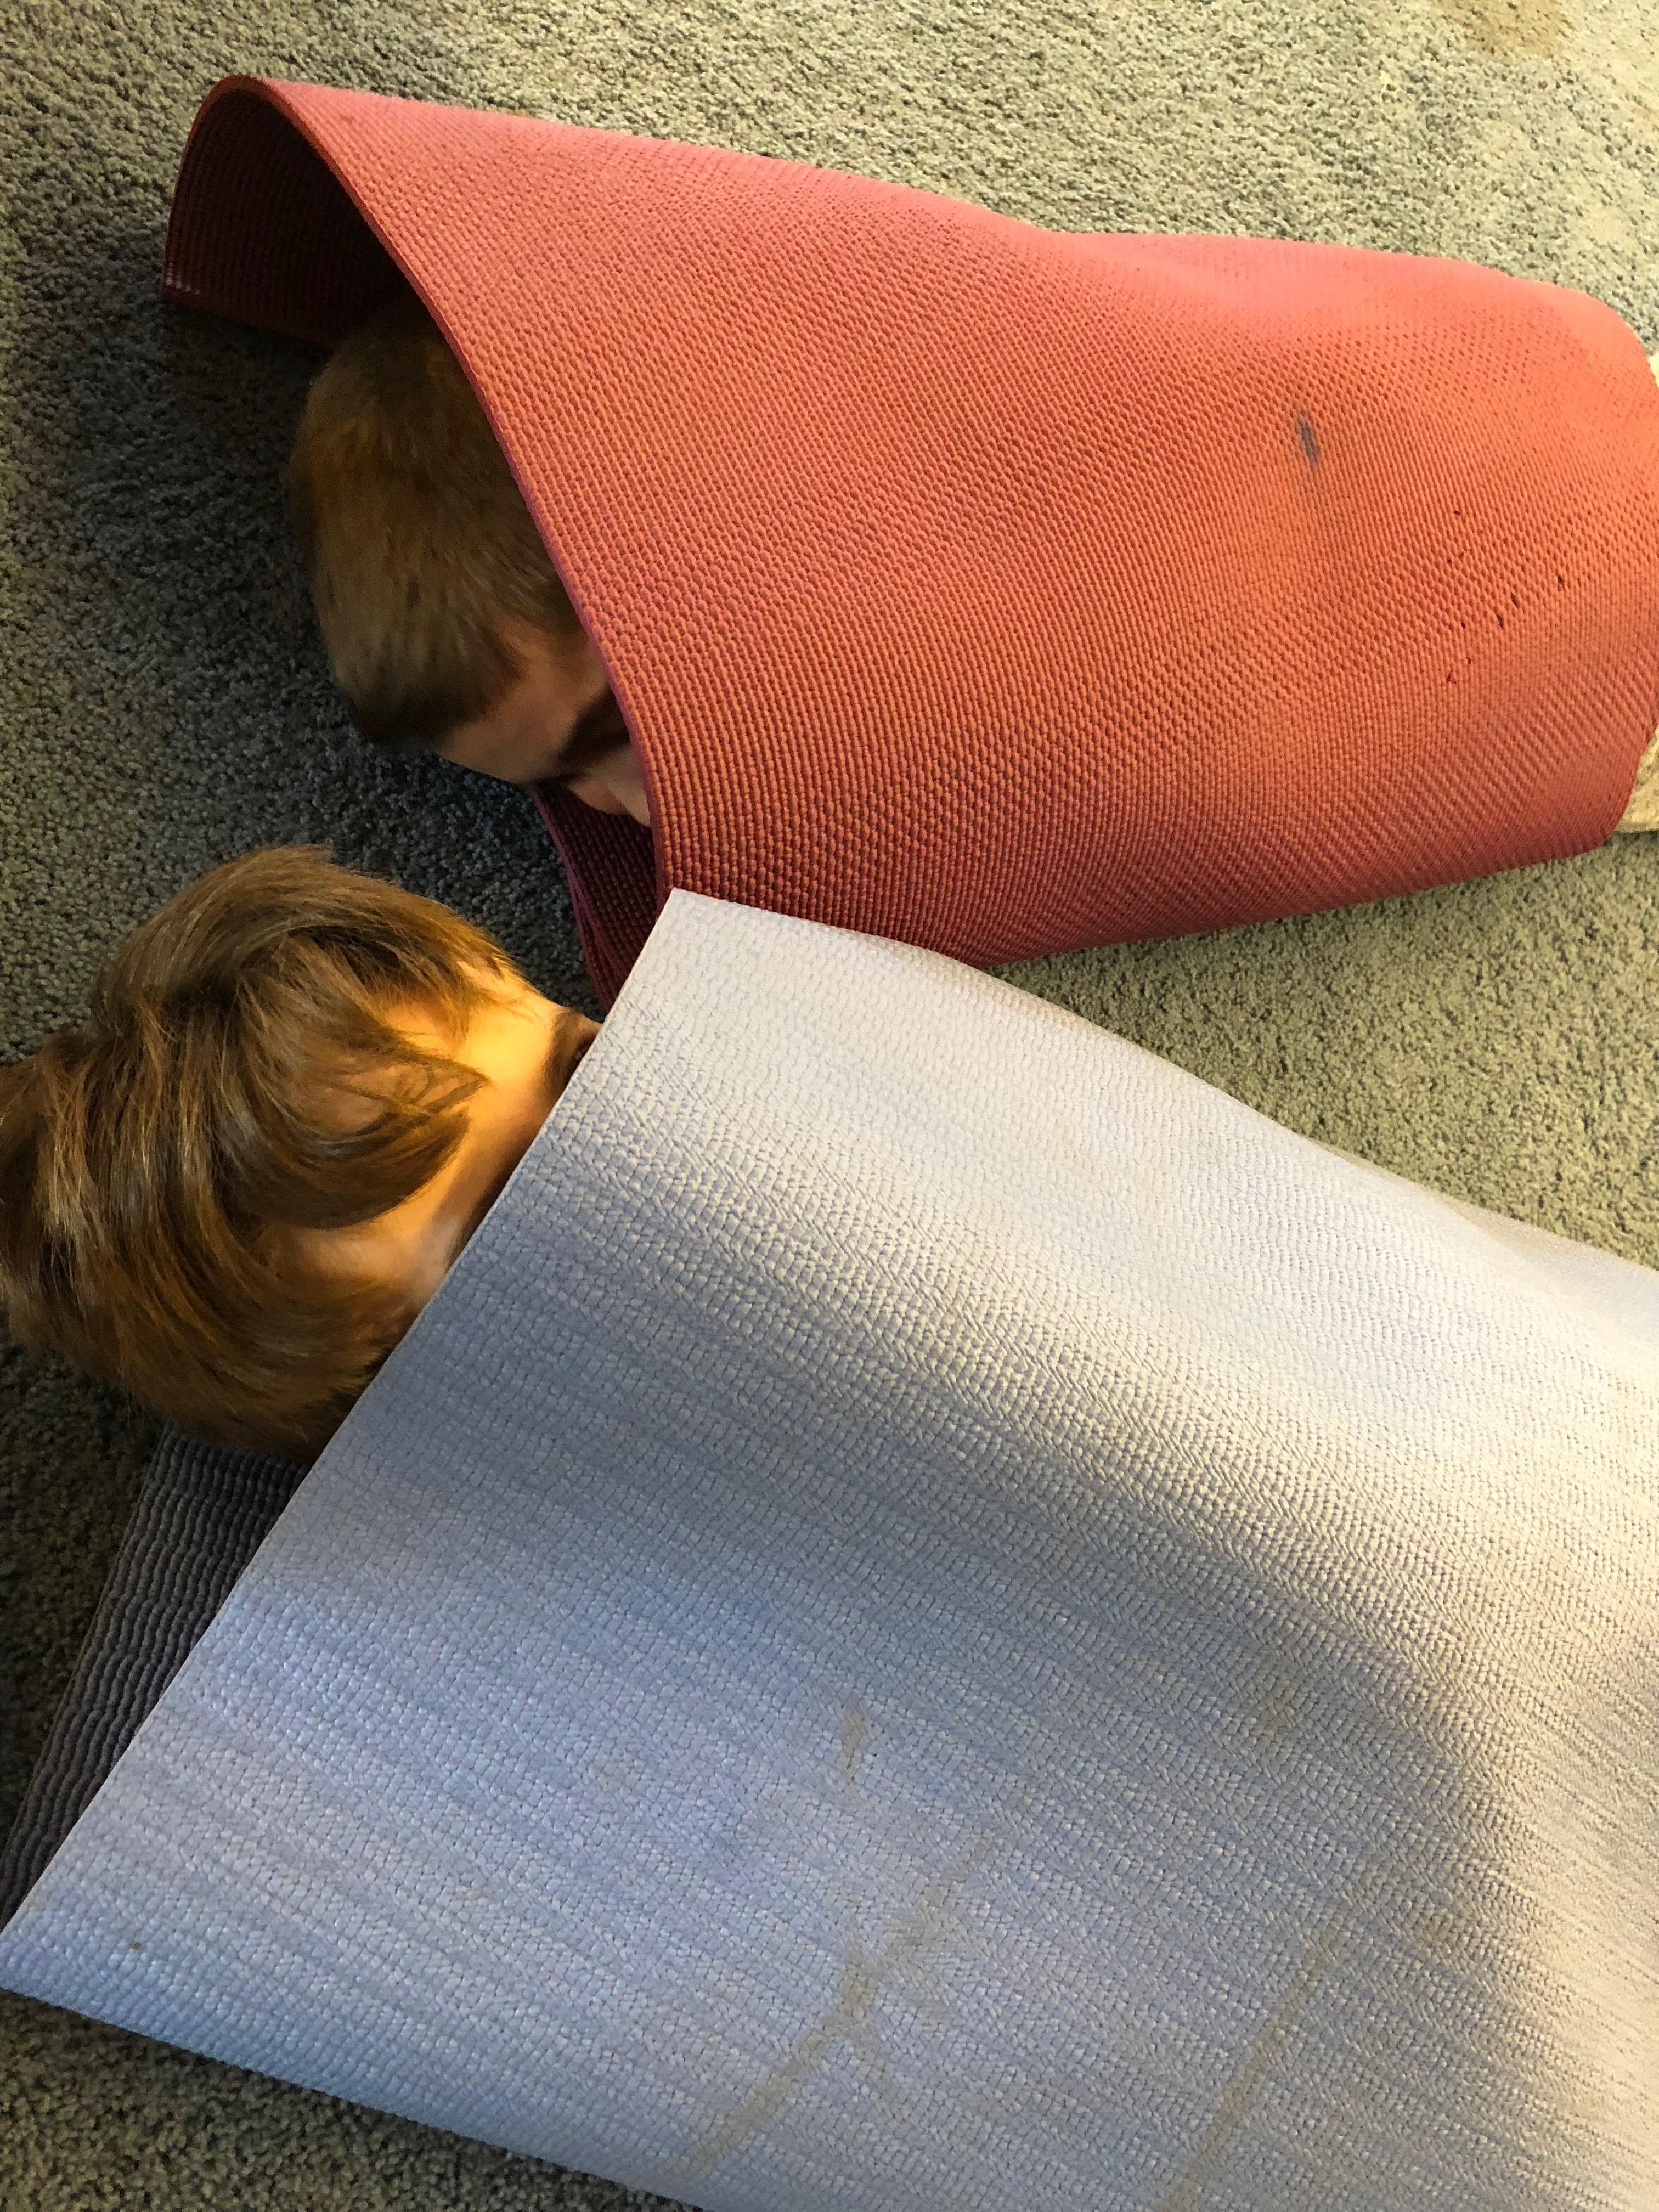 Yoga rolls